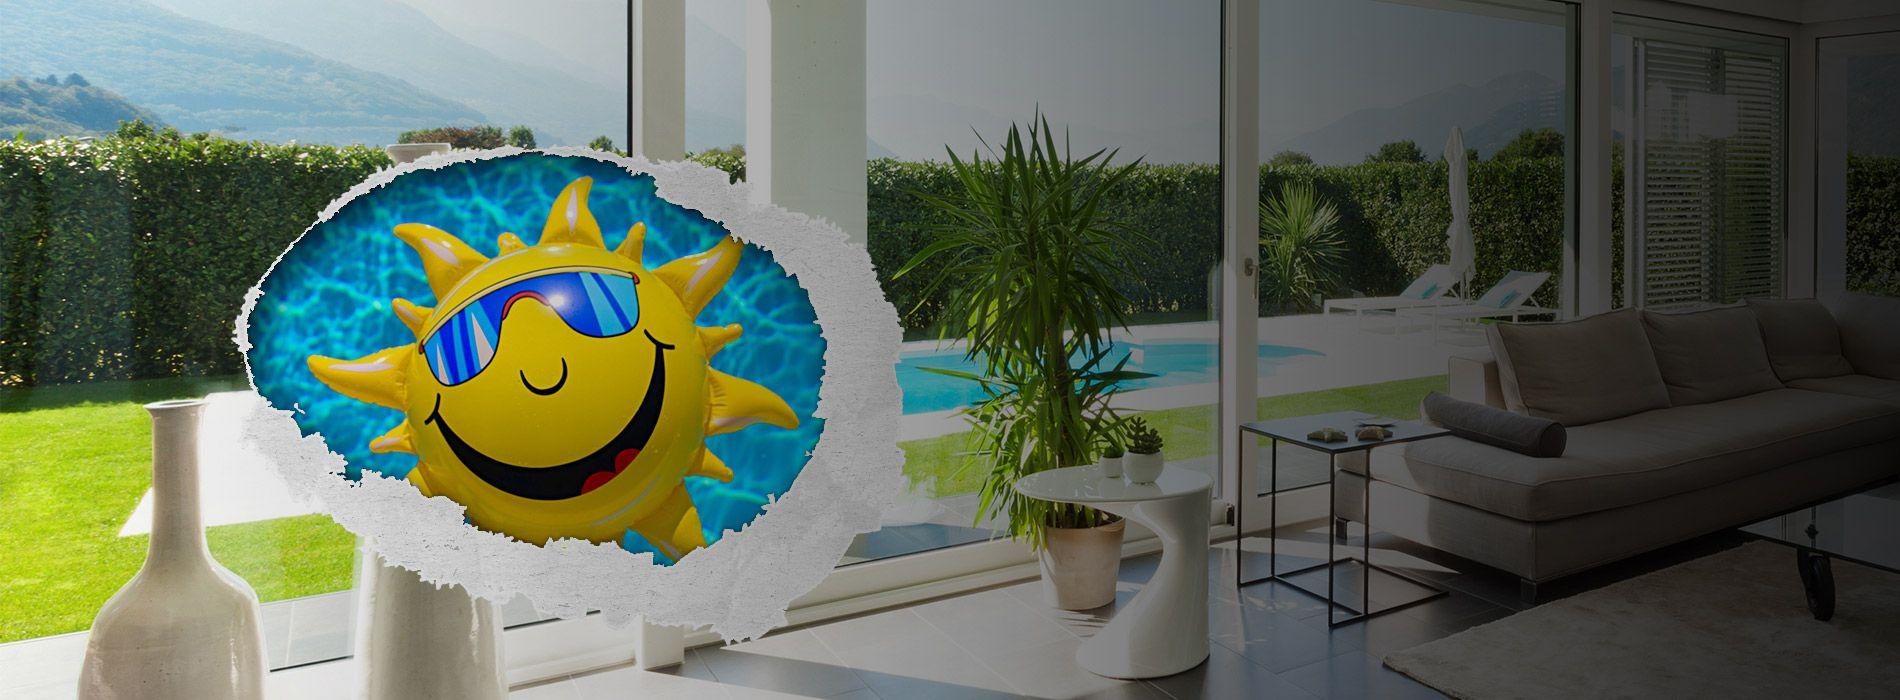 chauffage-solaire-piscine-slider